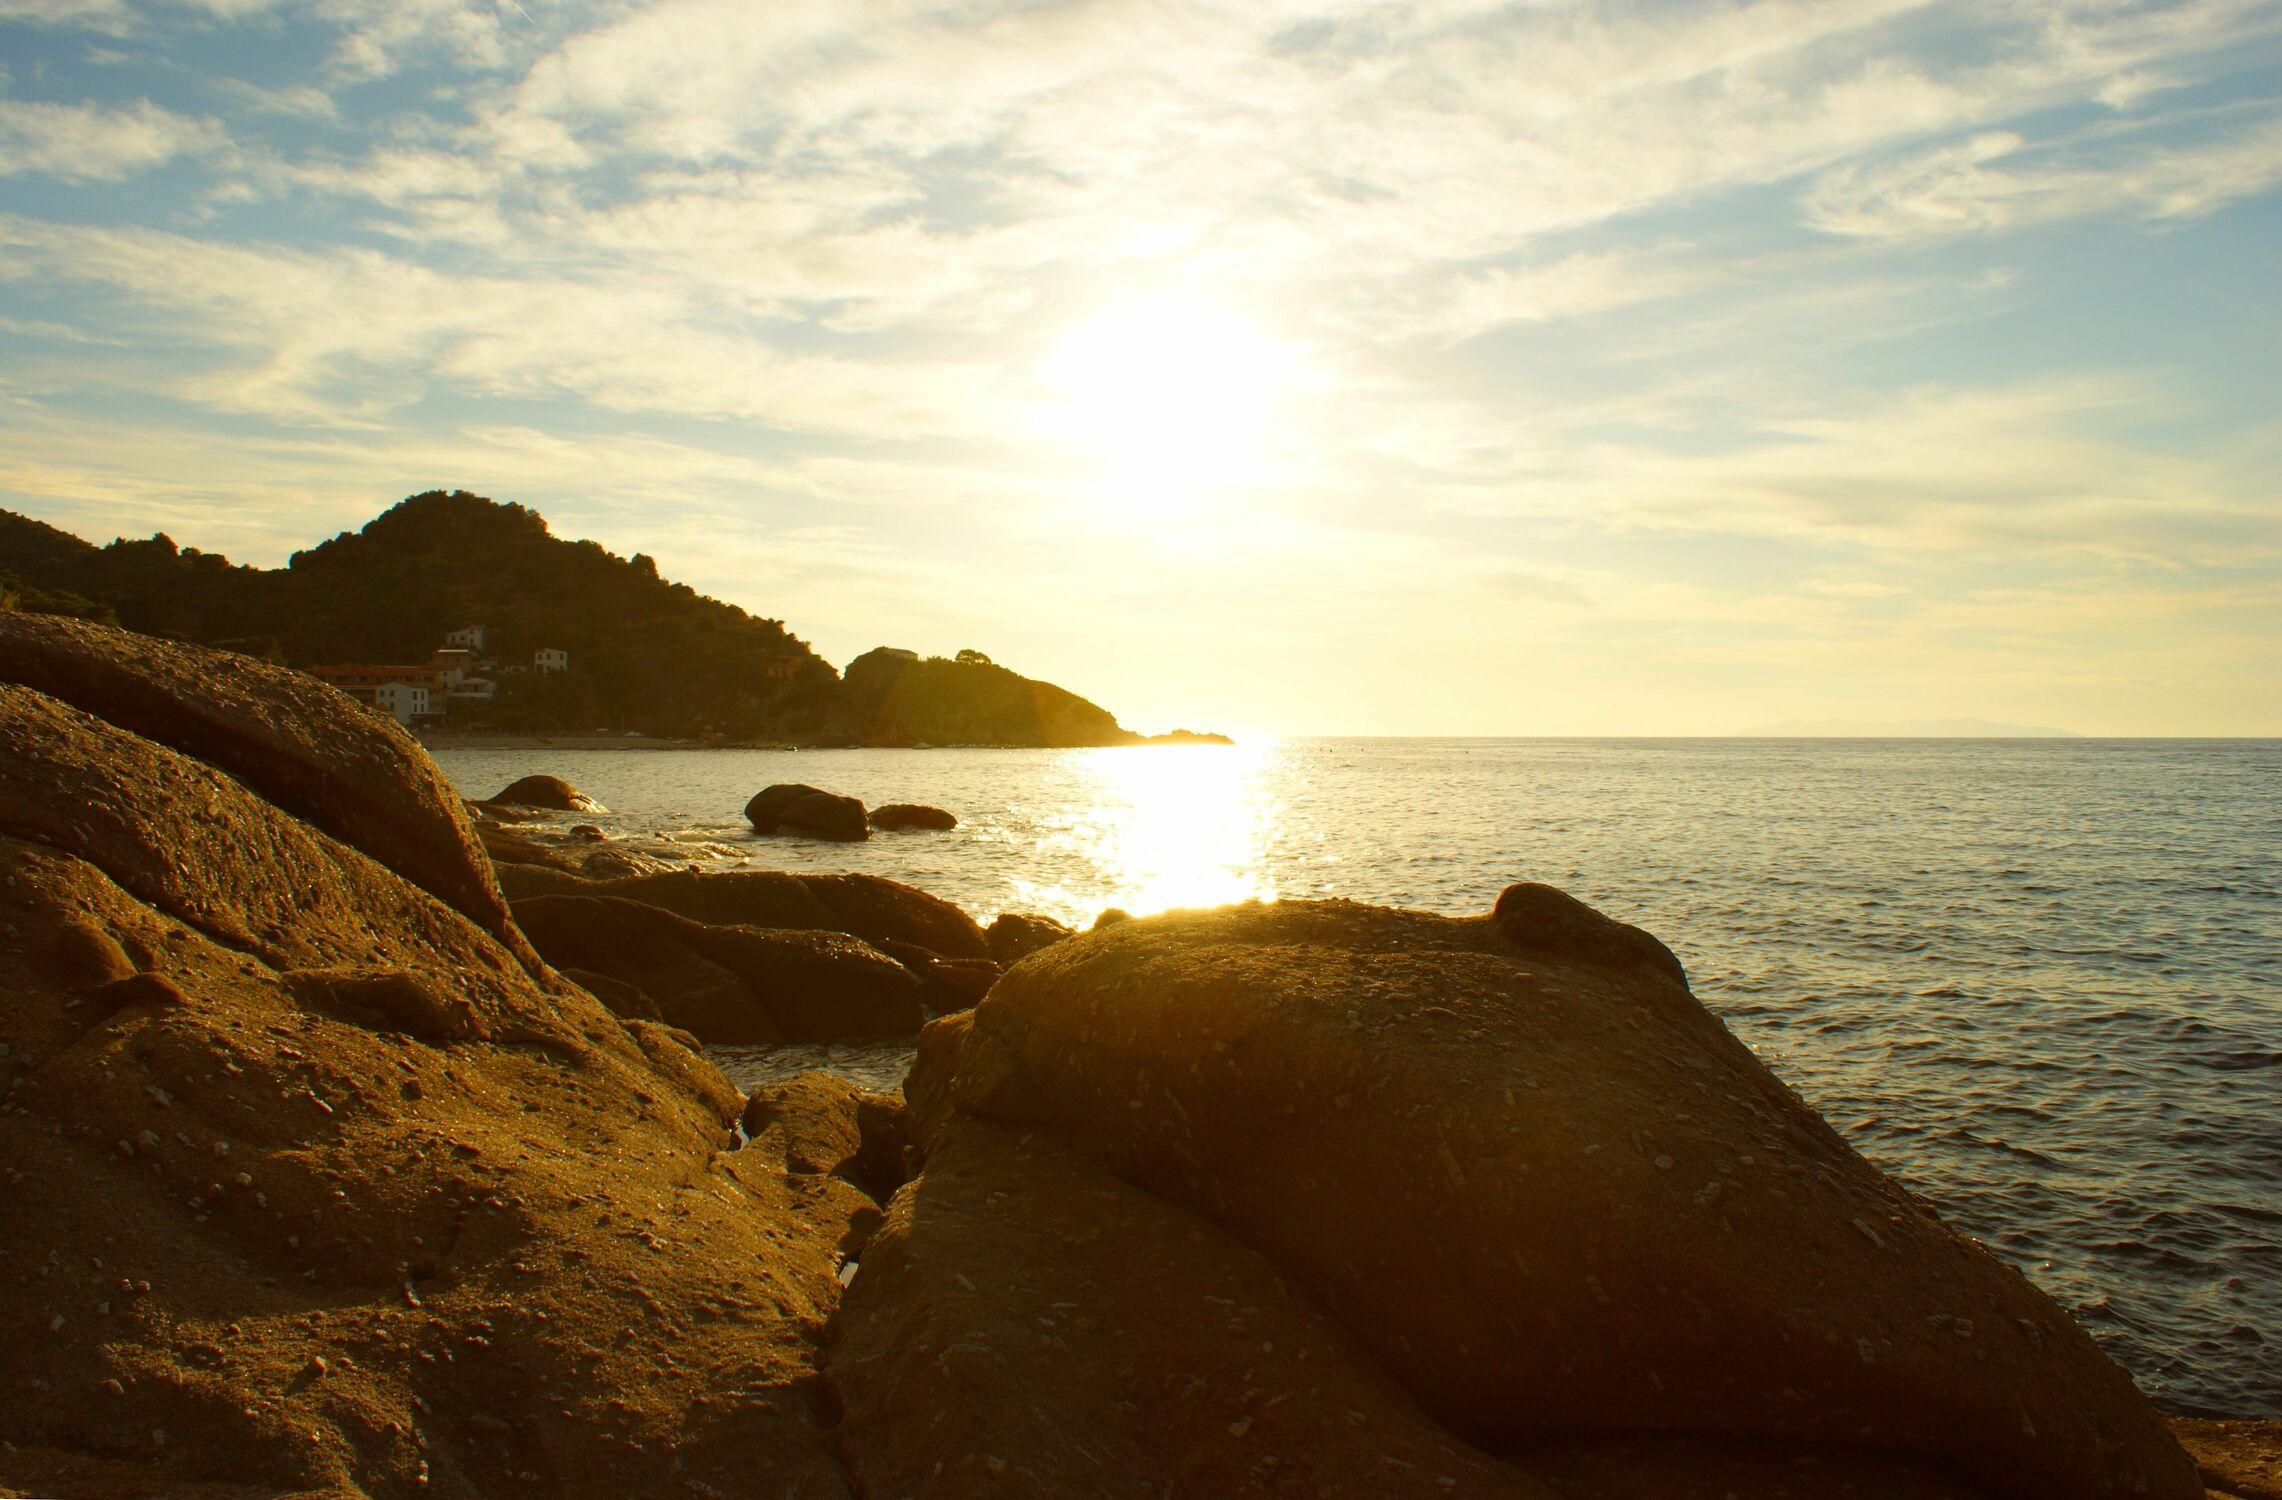 Bild mit Wasser, Gewässer, Sonnenuntergang, Urlaub, Italien, Sommer, Sonnenaufgang, Meer, Sunset, Insel